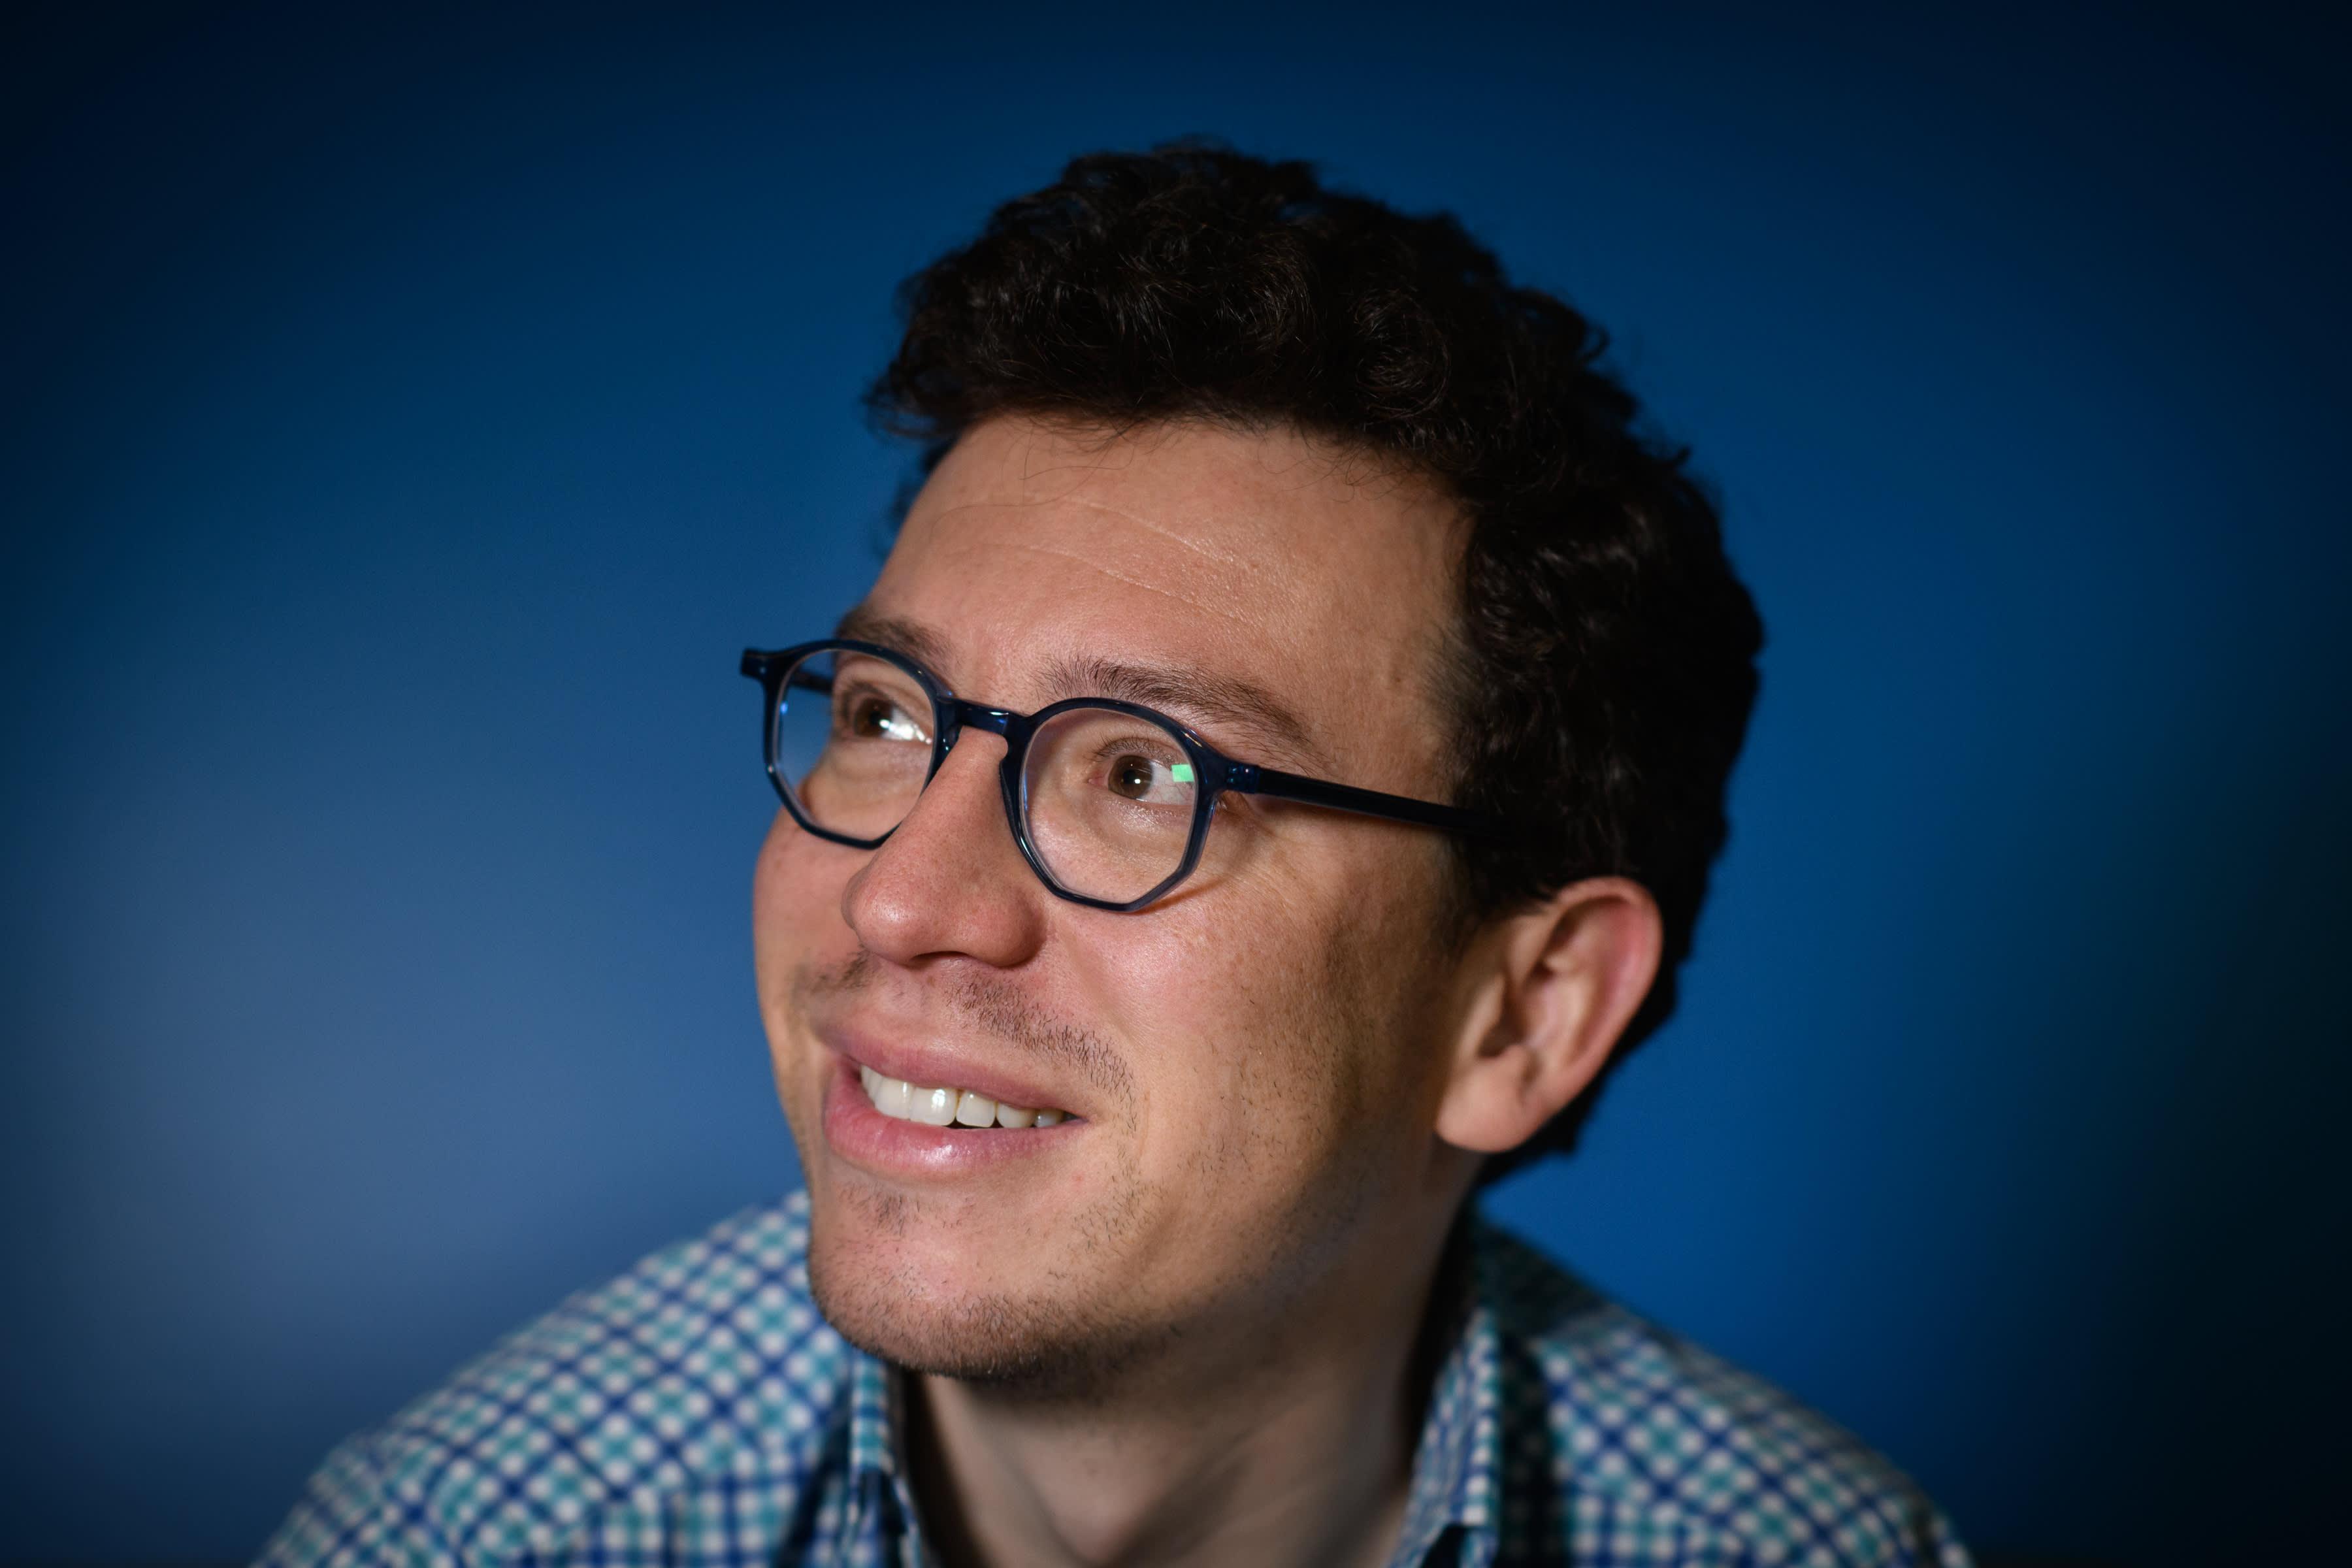 Em entrevista exclusiva, Luis von Ahn, explicou em detalhes como construiu o Duolingo com a proposta de ser uma plataforma gratuita e online de aprendizagem de línguas